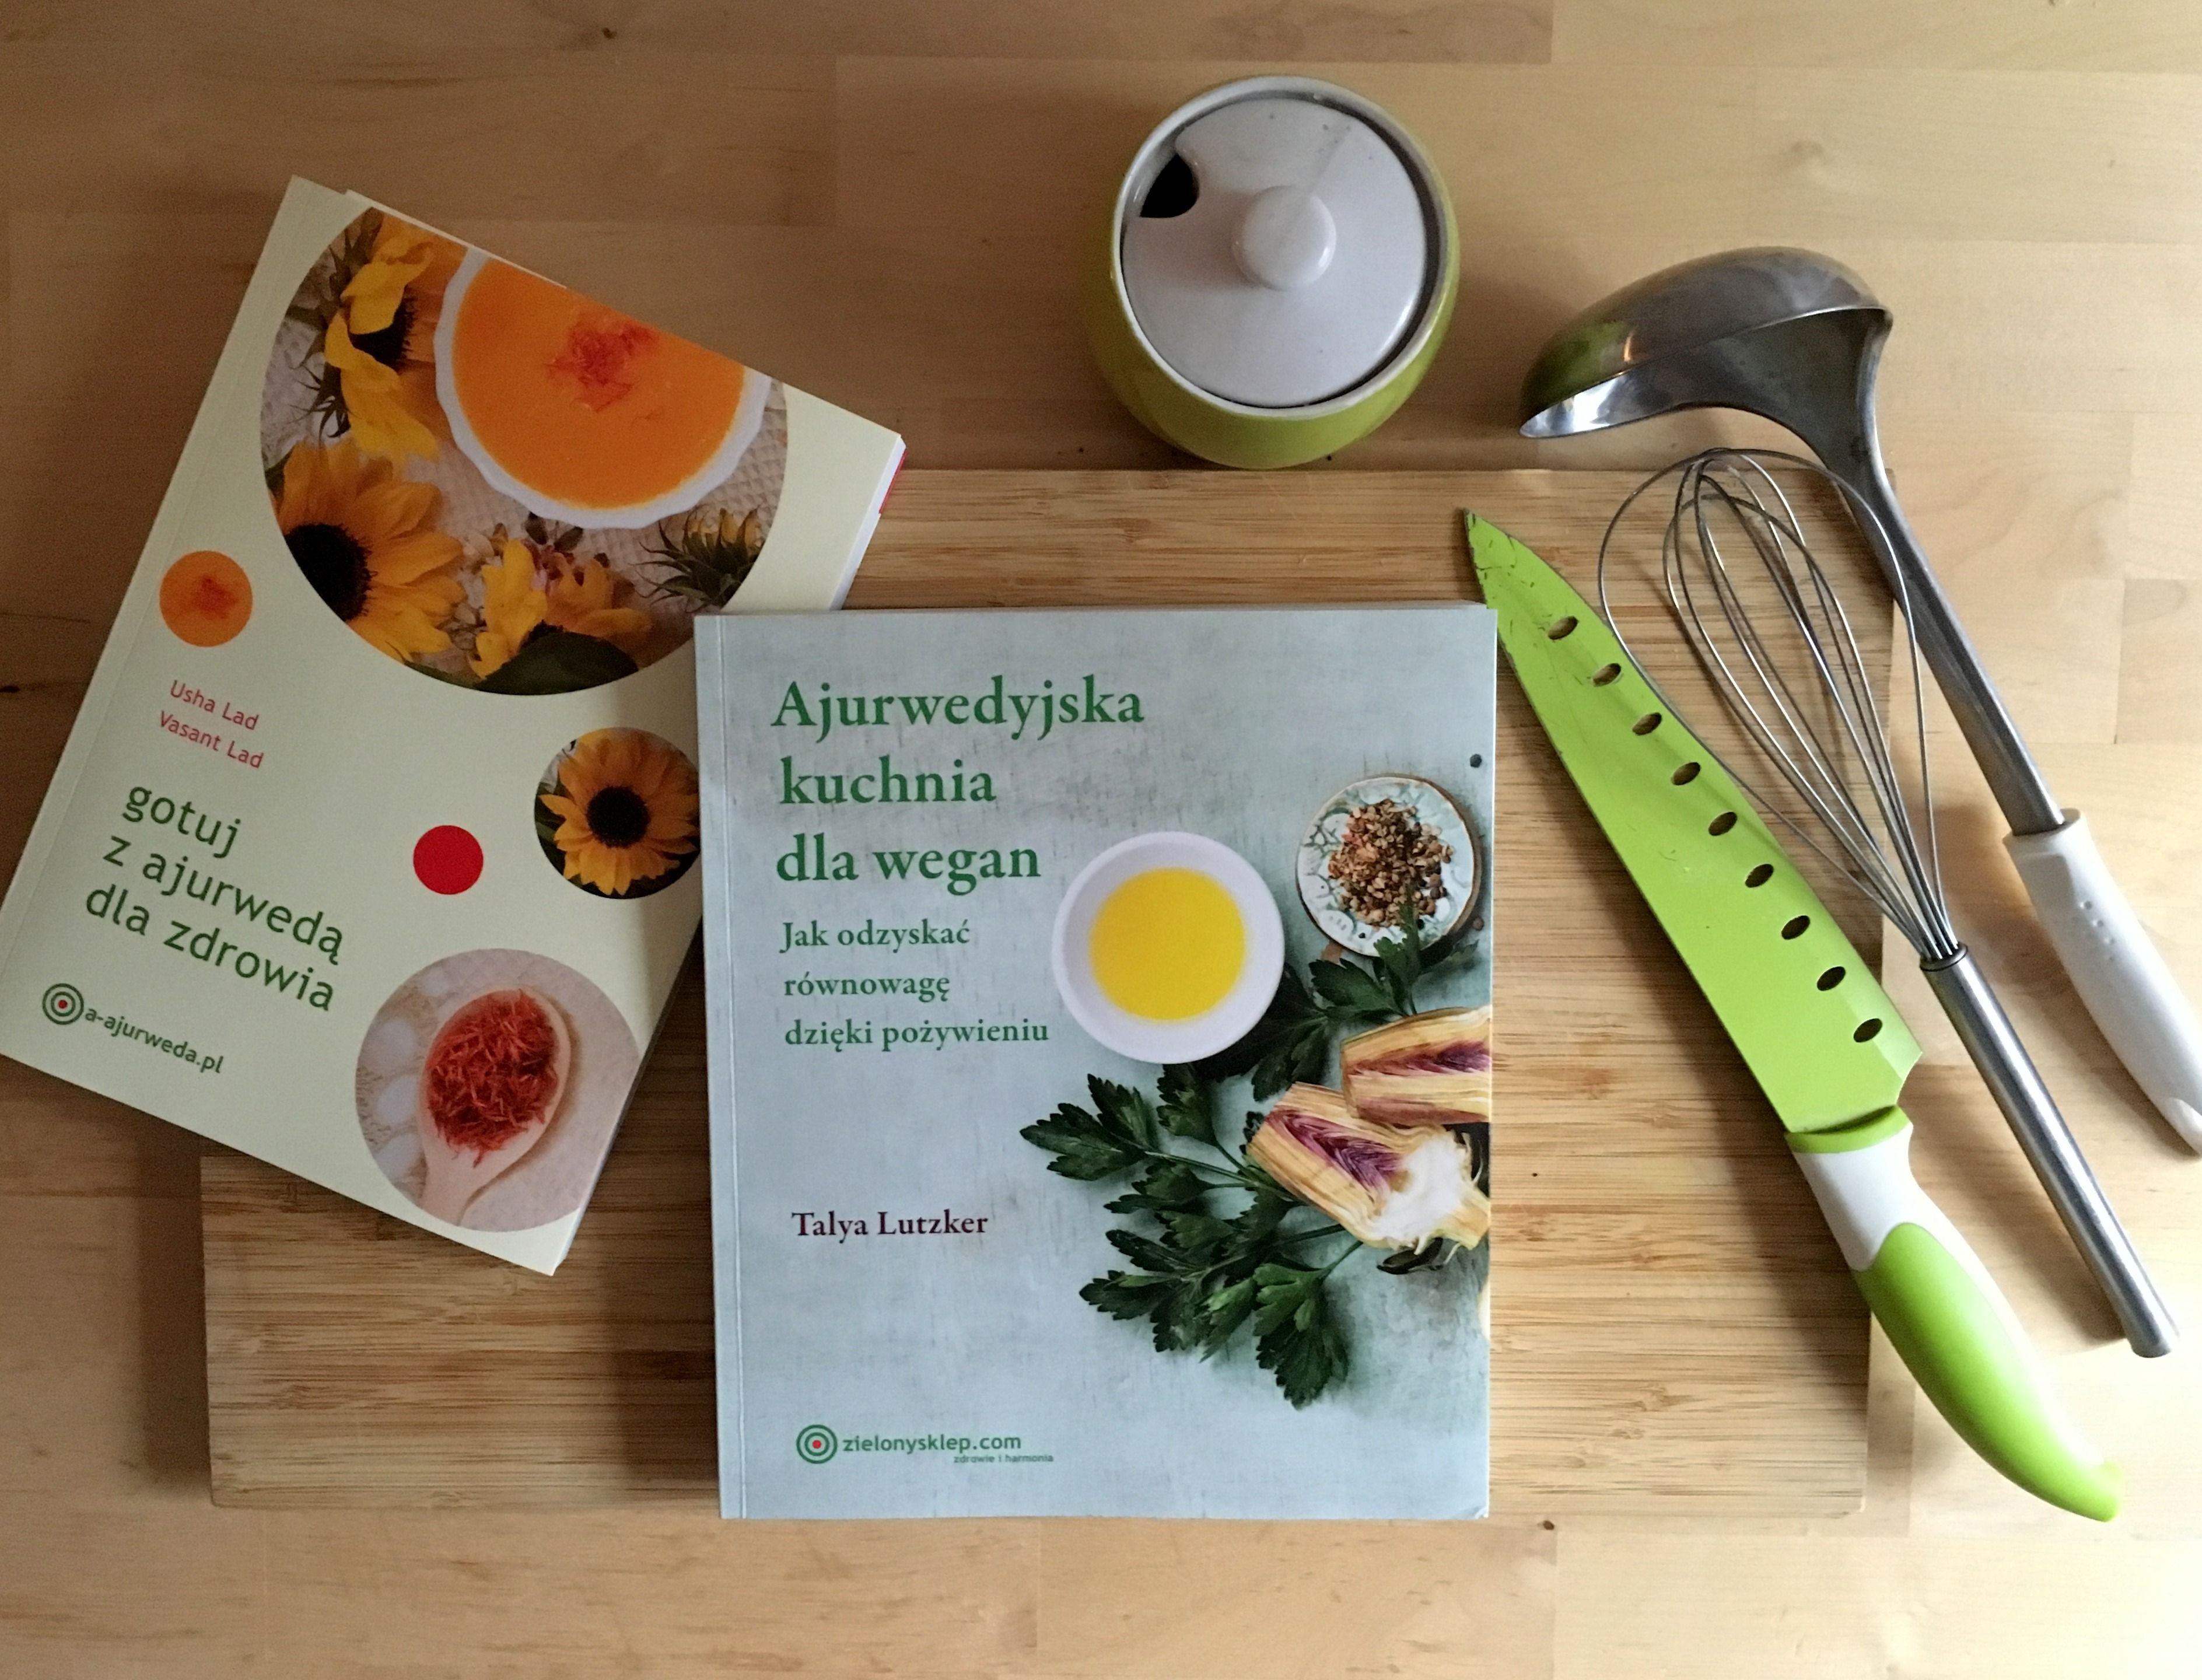 Ajurwedysjka Kuchnia Dla Wegan Ajurwedyjska Książka